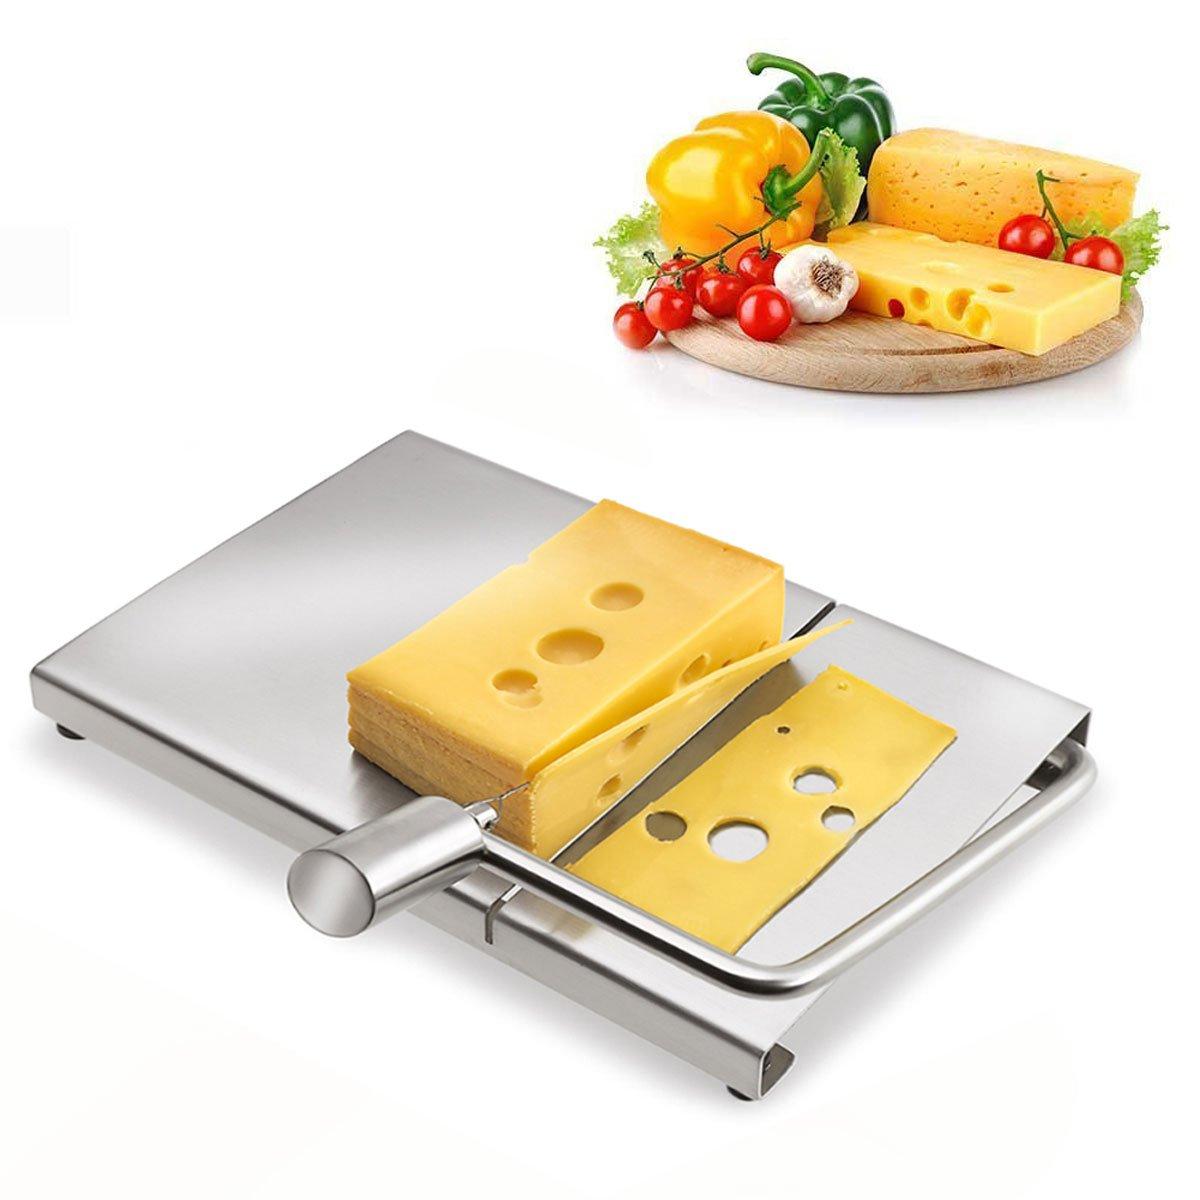 Mejor valorados en cuchillos para queso opiniones tiles de nuestros clientes - Cuchillo cortar queso ...